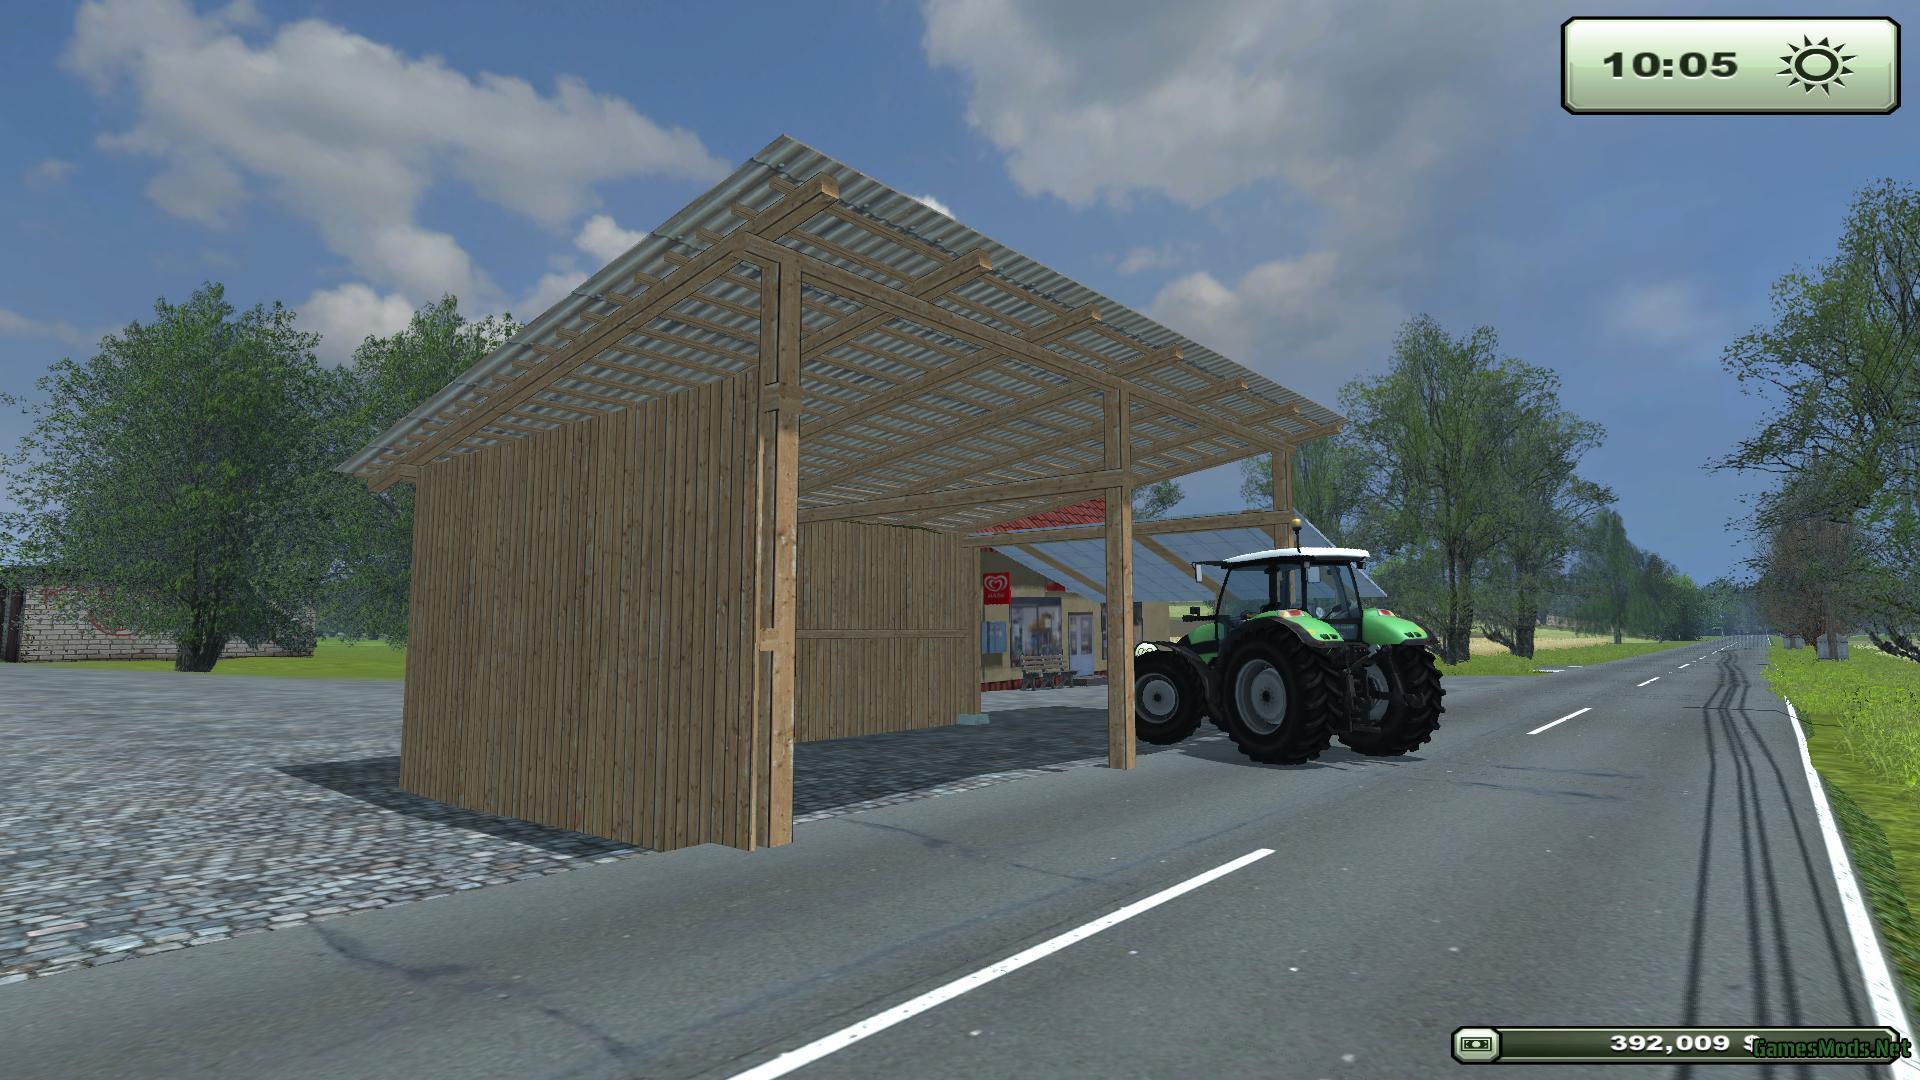 Farming 2019 John Deere Simulator